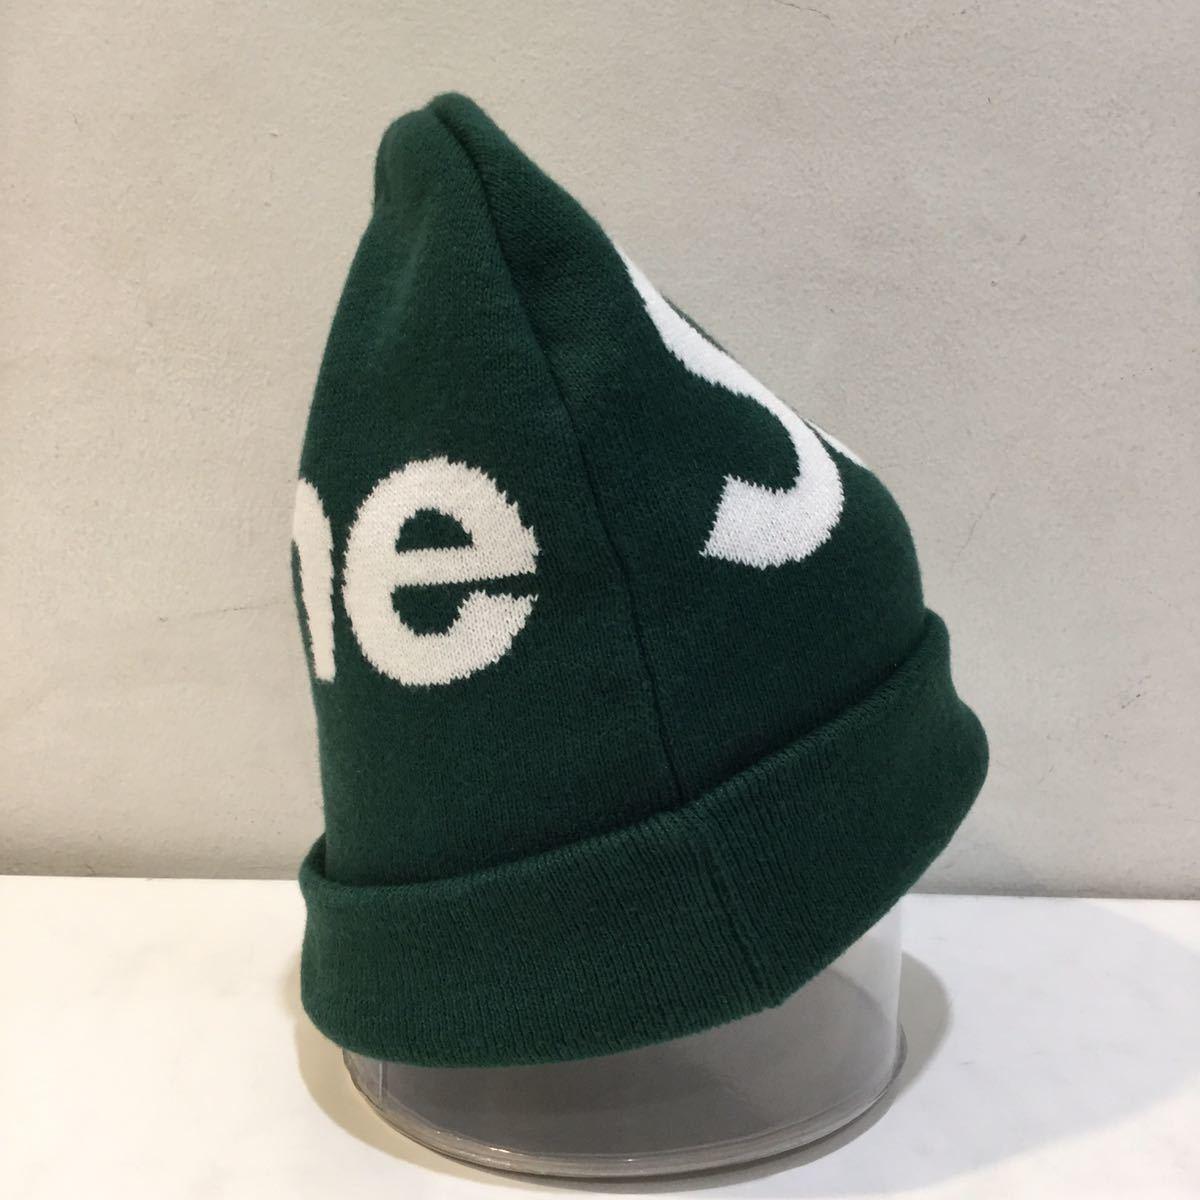 Supreme シュプリーム 2019A/W Big Logo Beanie ビッグロゴ ビーニー ニット帽 カシミヤ混 グリーン_画像4